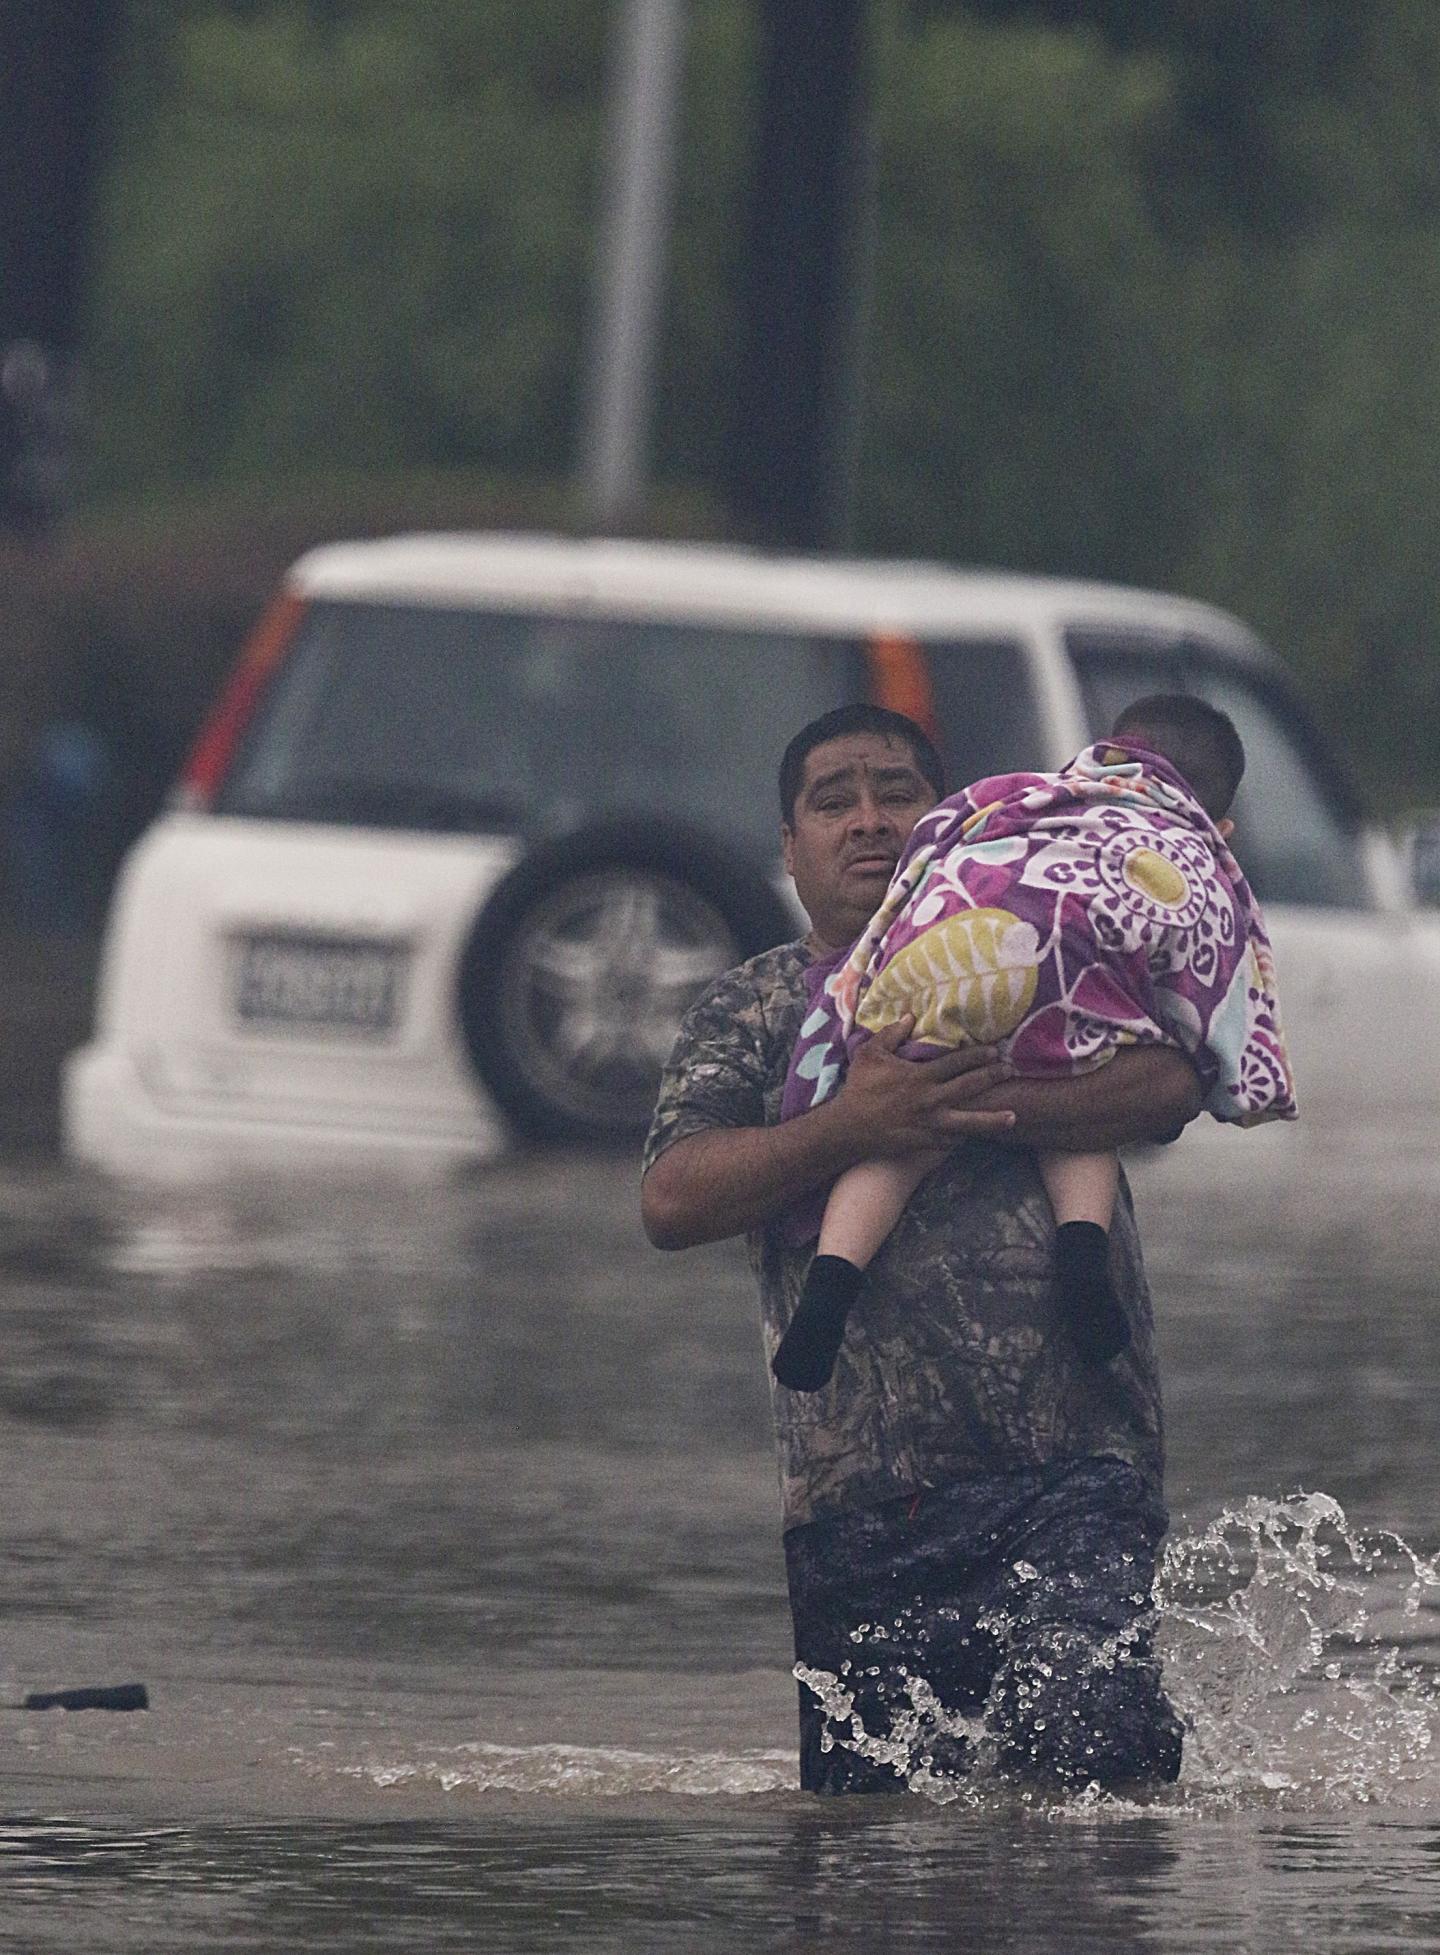 Un homme évacue un enfant.